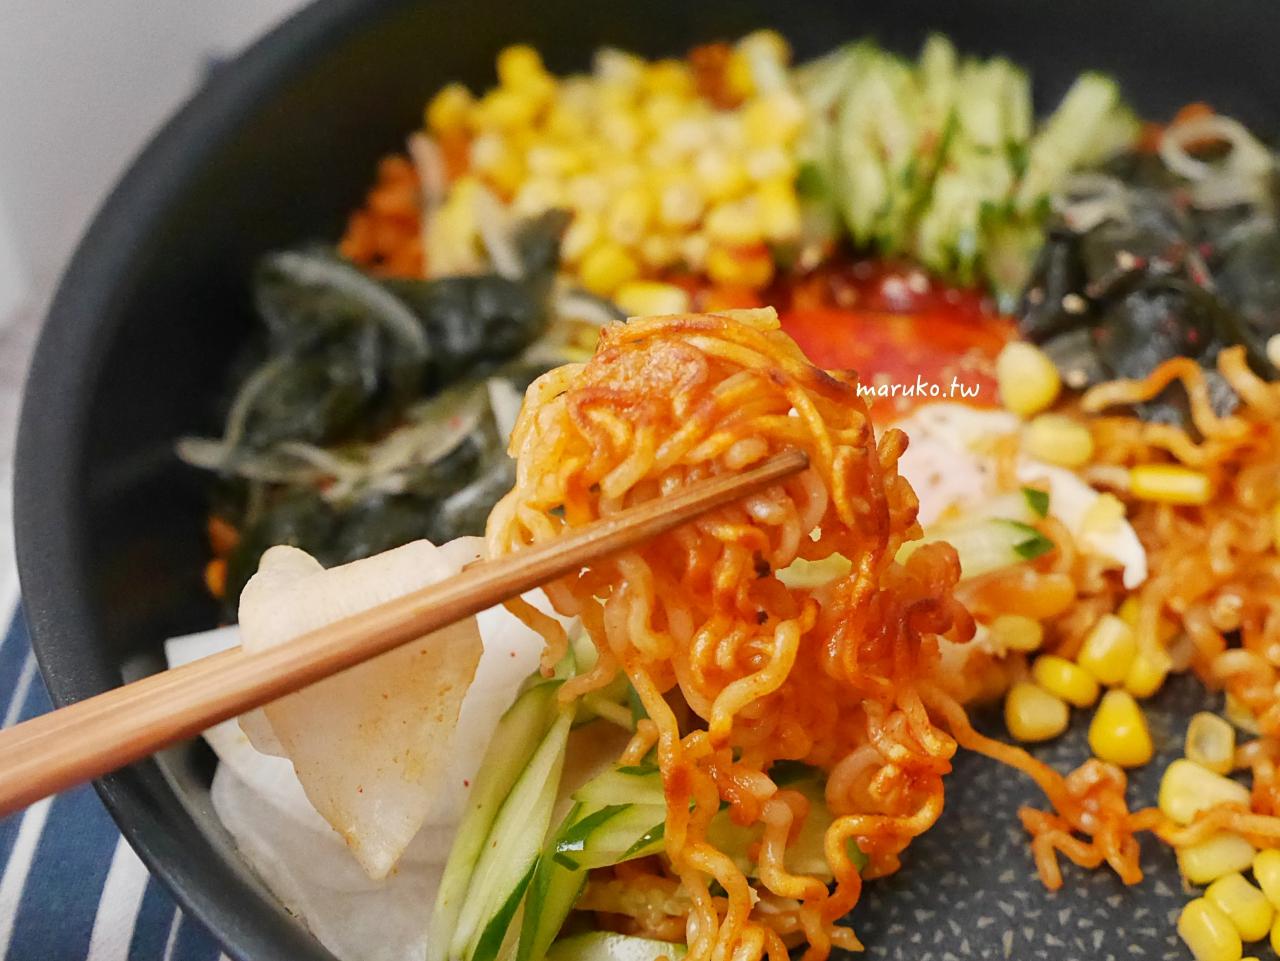 【食譜】韓式拌麵 無湯粉包泡麵做法 用拌飯醬乾拌就好吃 不倒翁Q拉麵(純麵條) @Maruko與美食有個約會